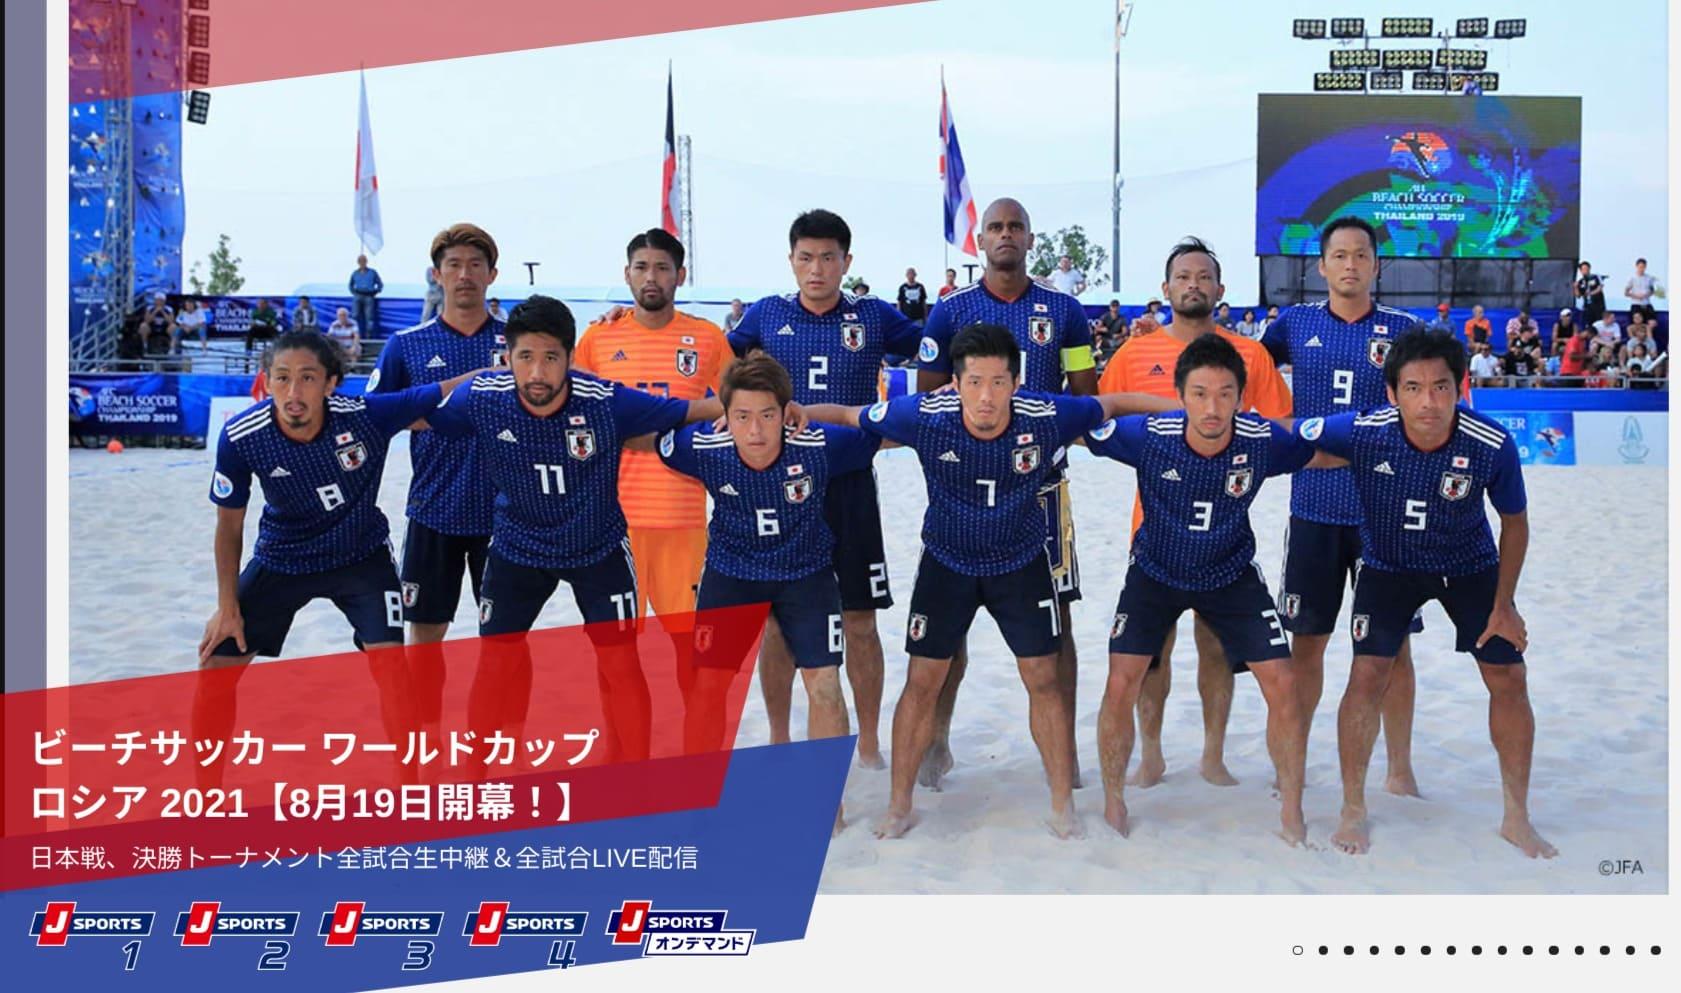 JSPORTS_FIFAビーチサッカーワールドカップ2021放送・配信